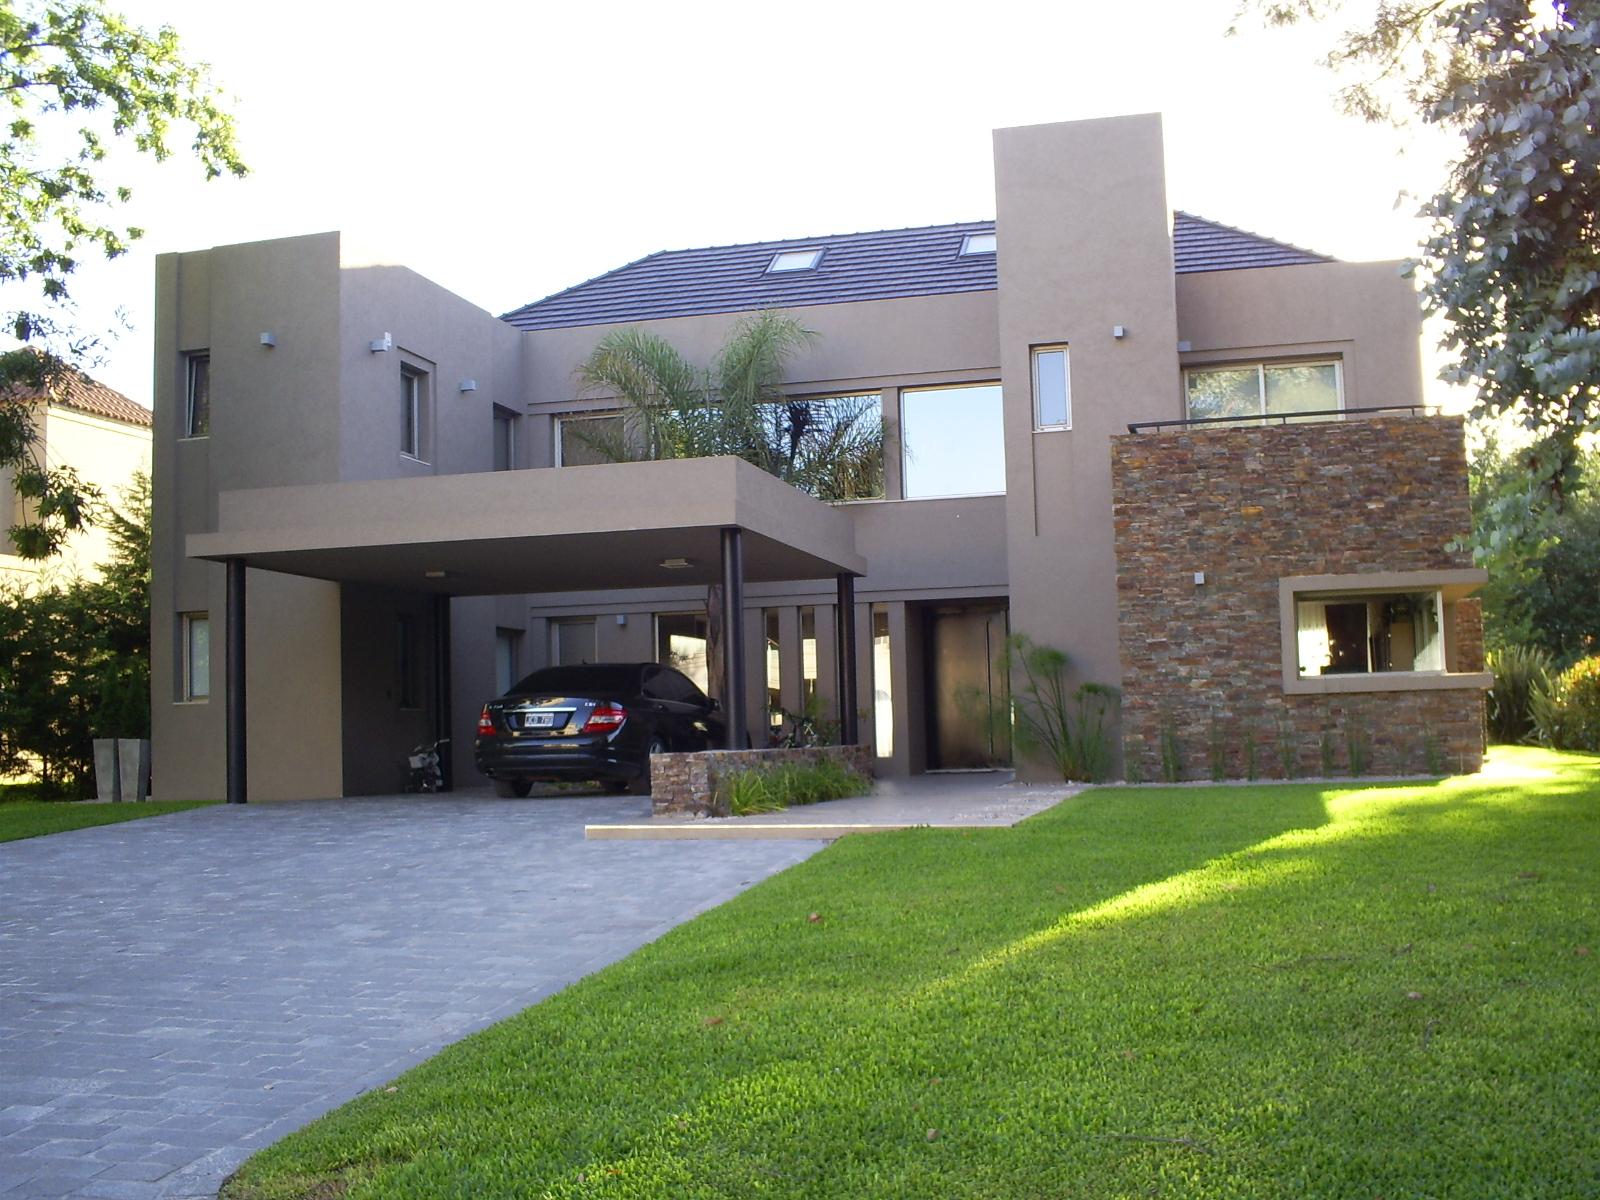 ac a arquitectura casas modernas